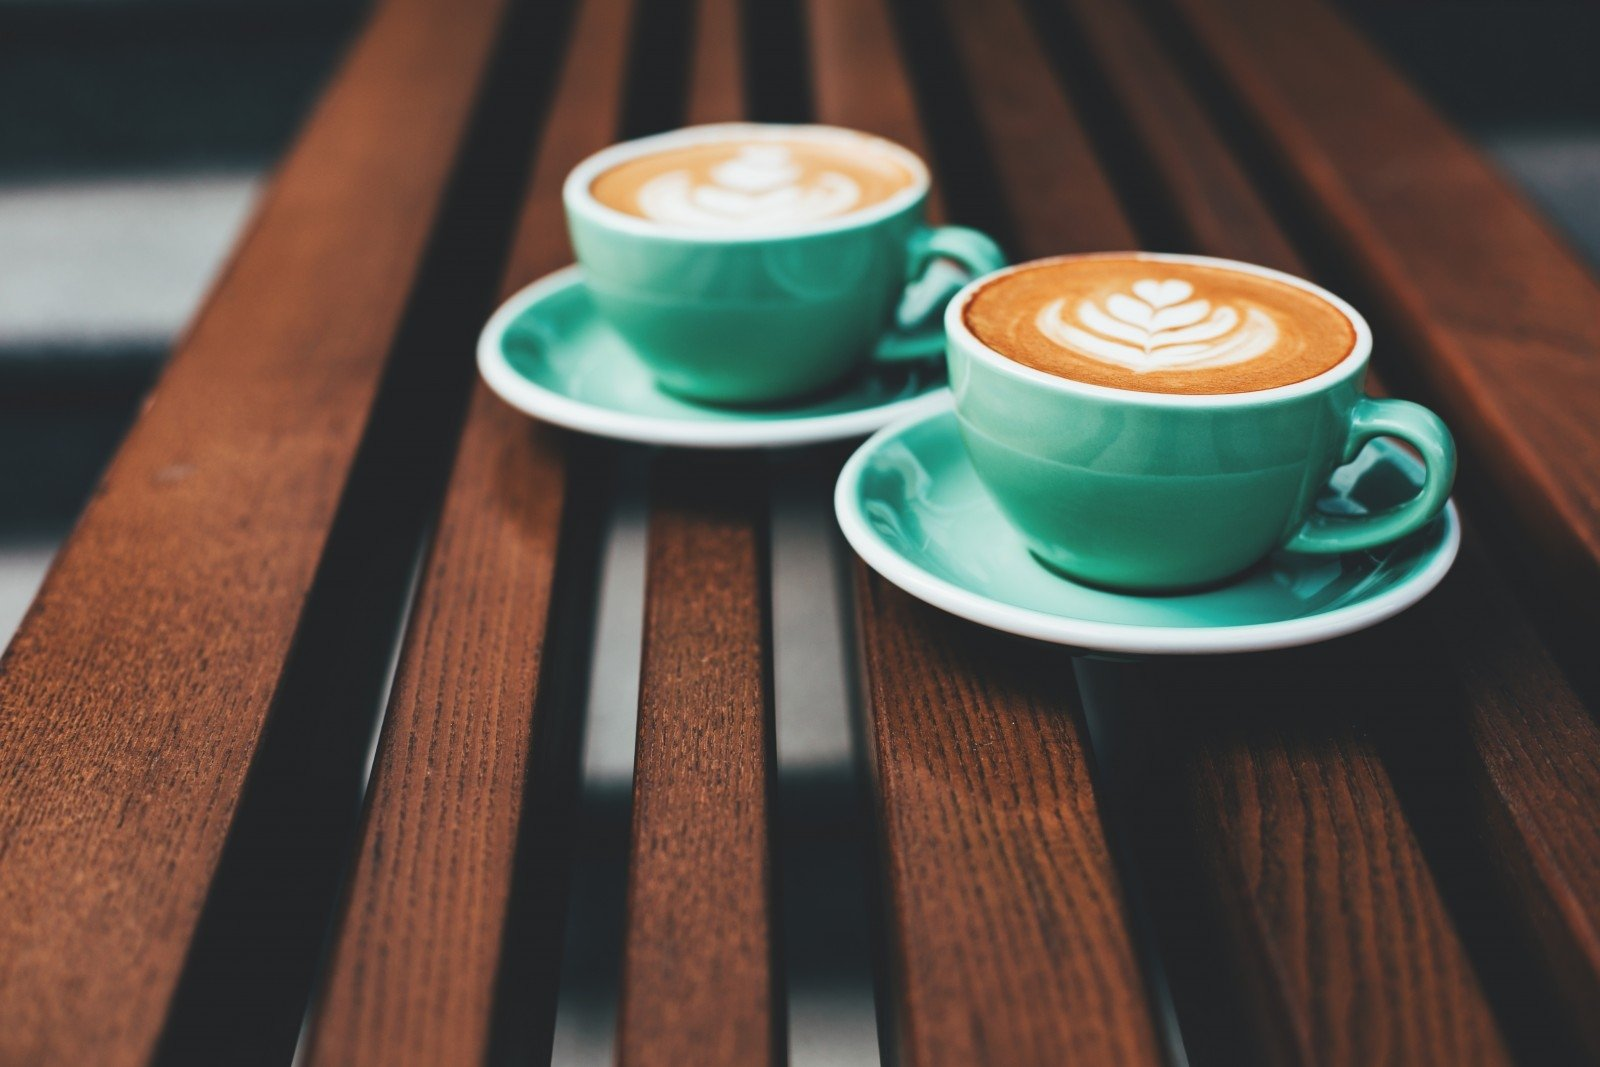 Mokslininkai išsiaiškino, ar kava padeda numesti svorio - DELFI Sveikata